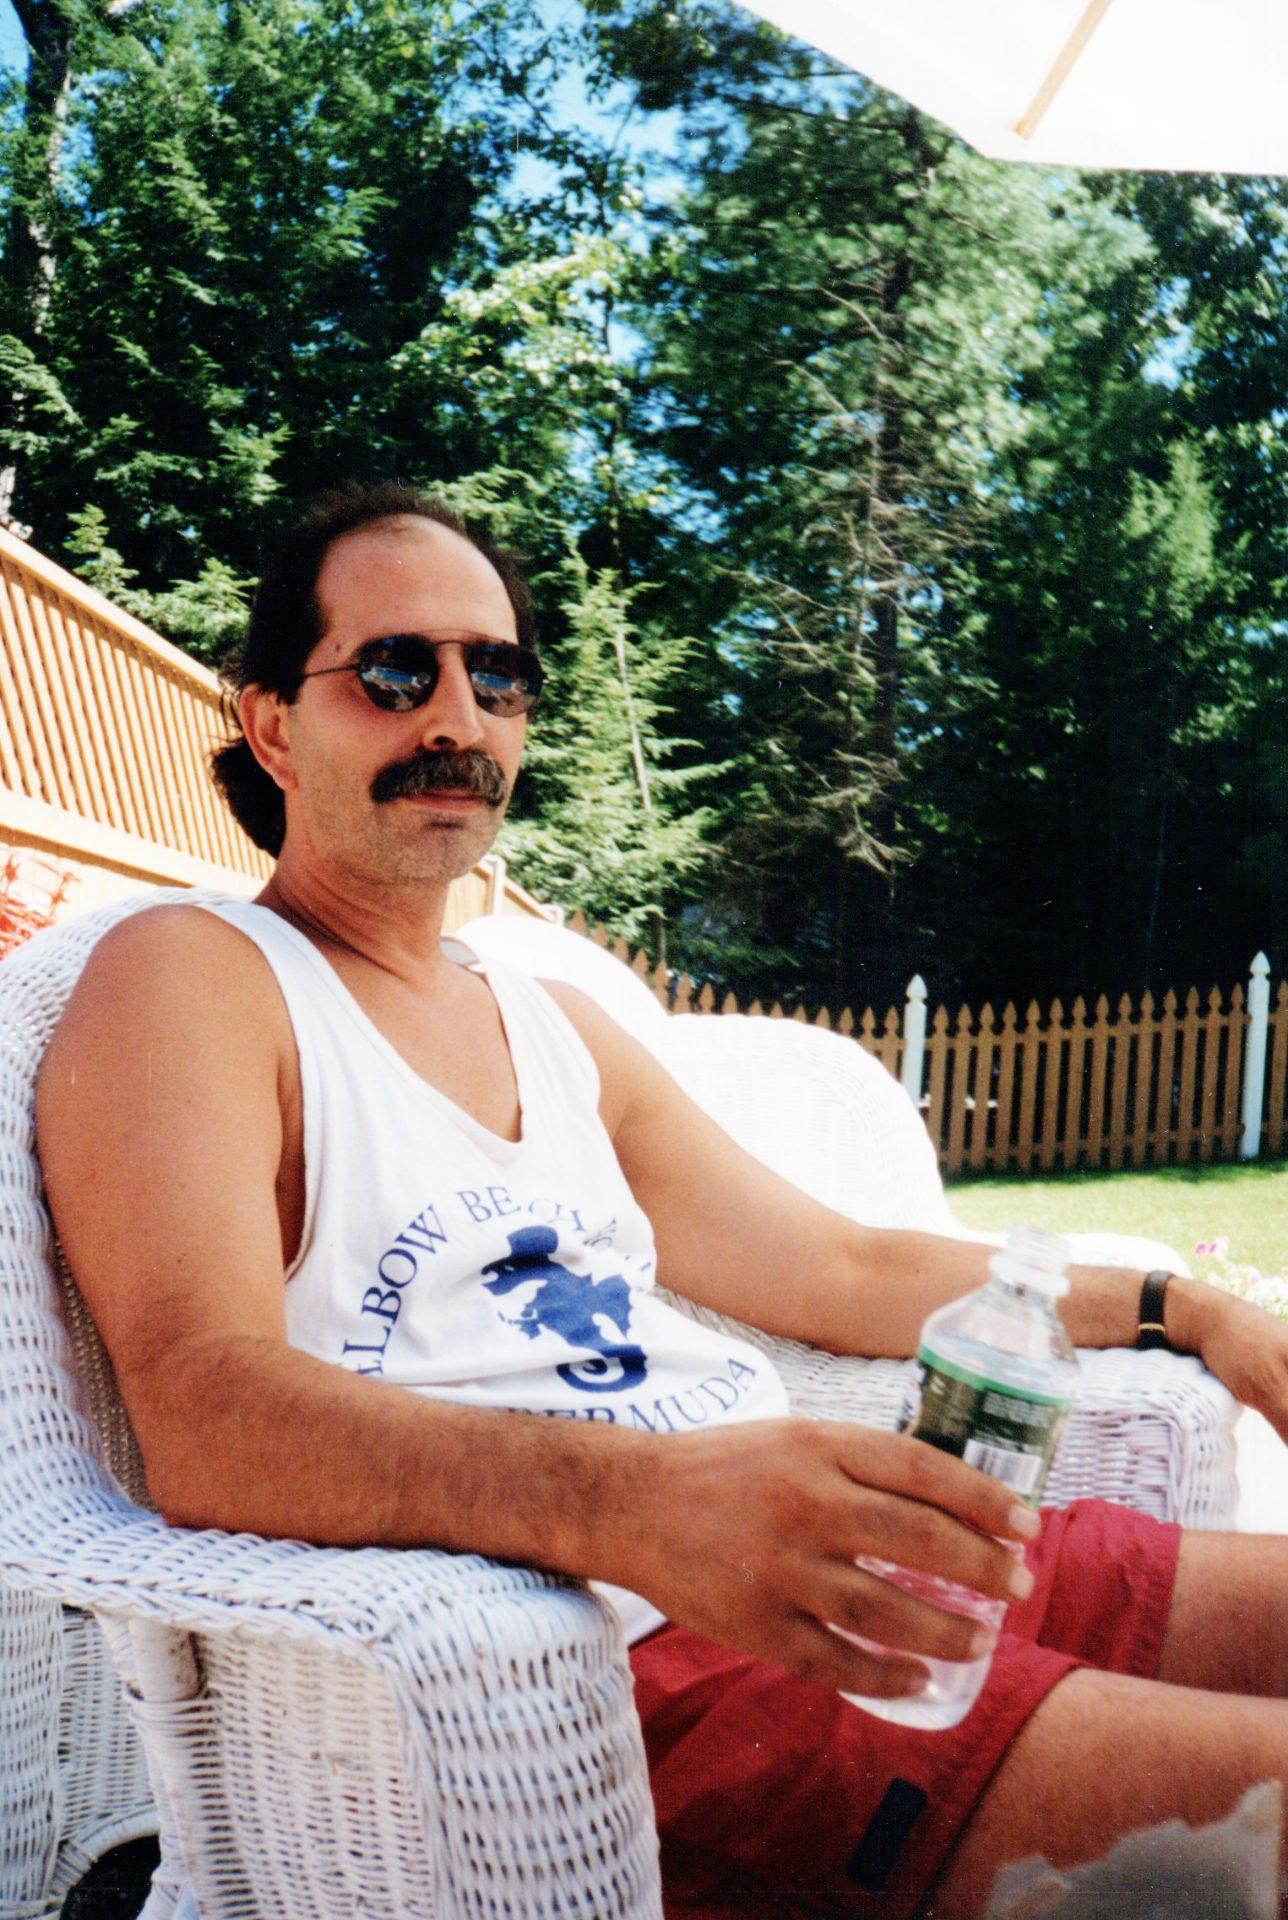 Jim at his pool in Farmington, CT